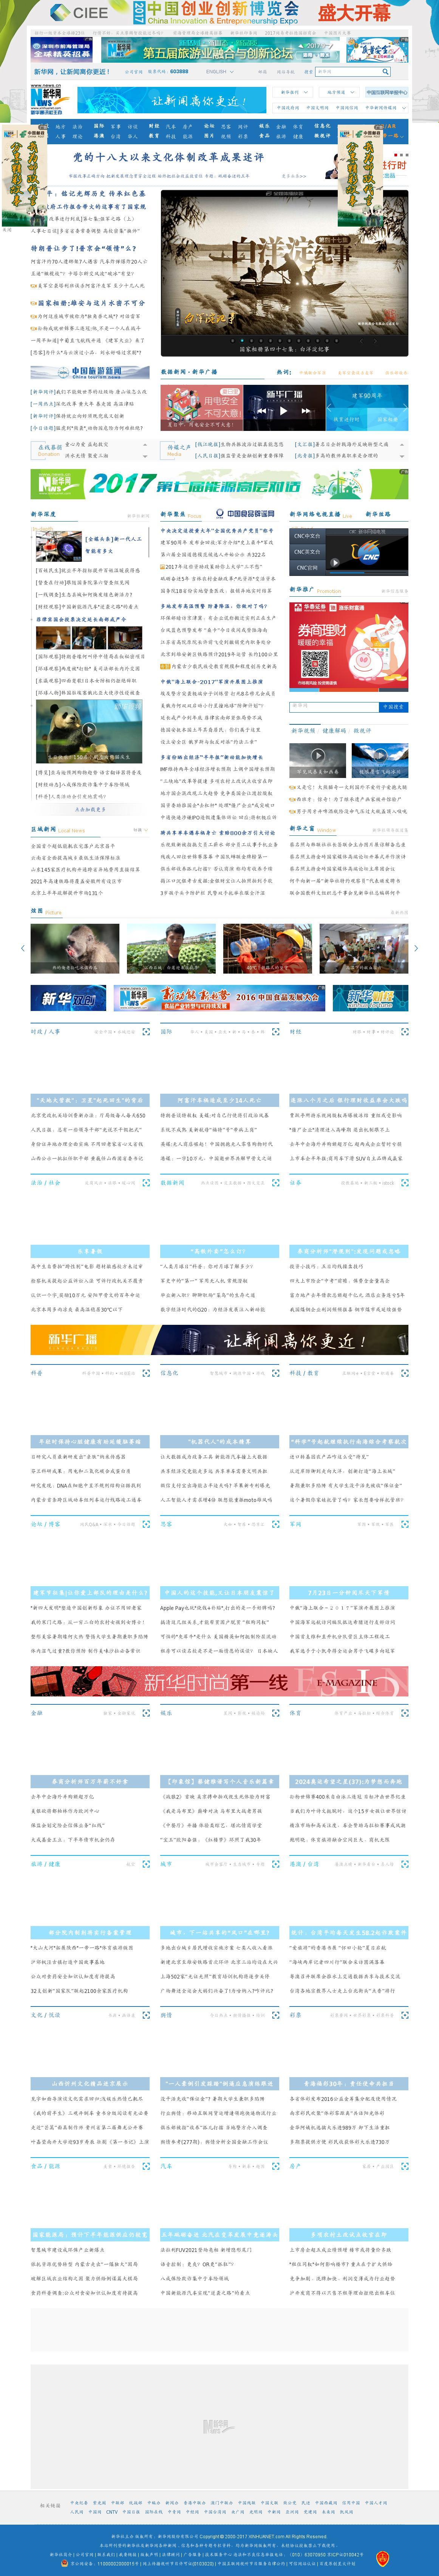 Xinhua at Monday July 24, 2017, 4:21 a.m. UTC